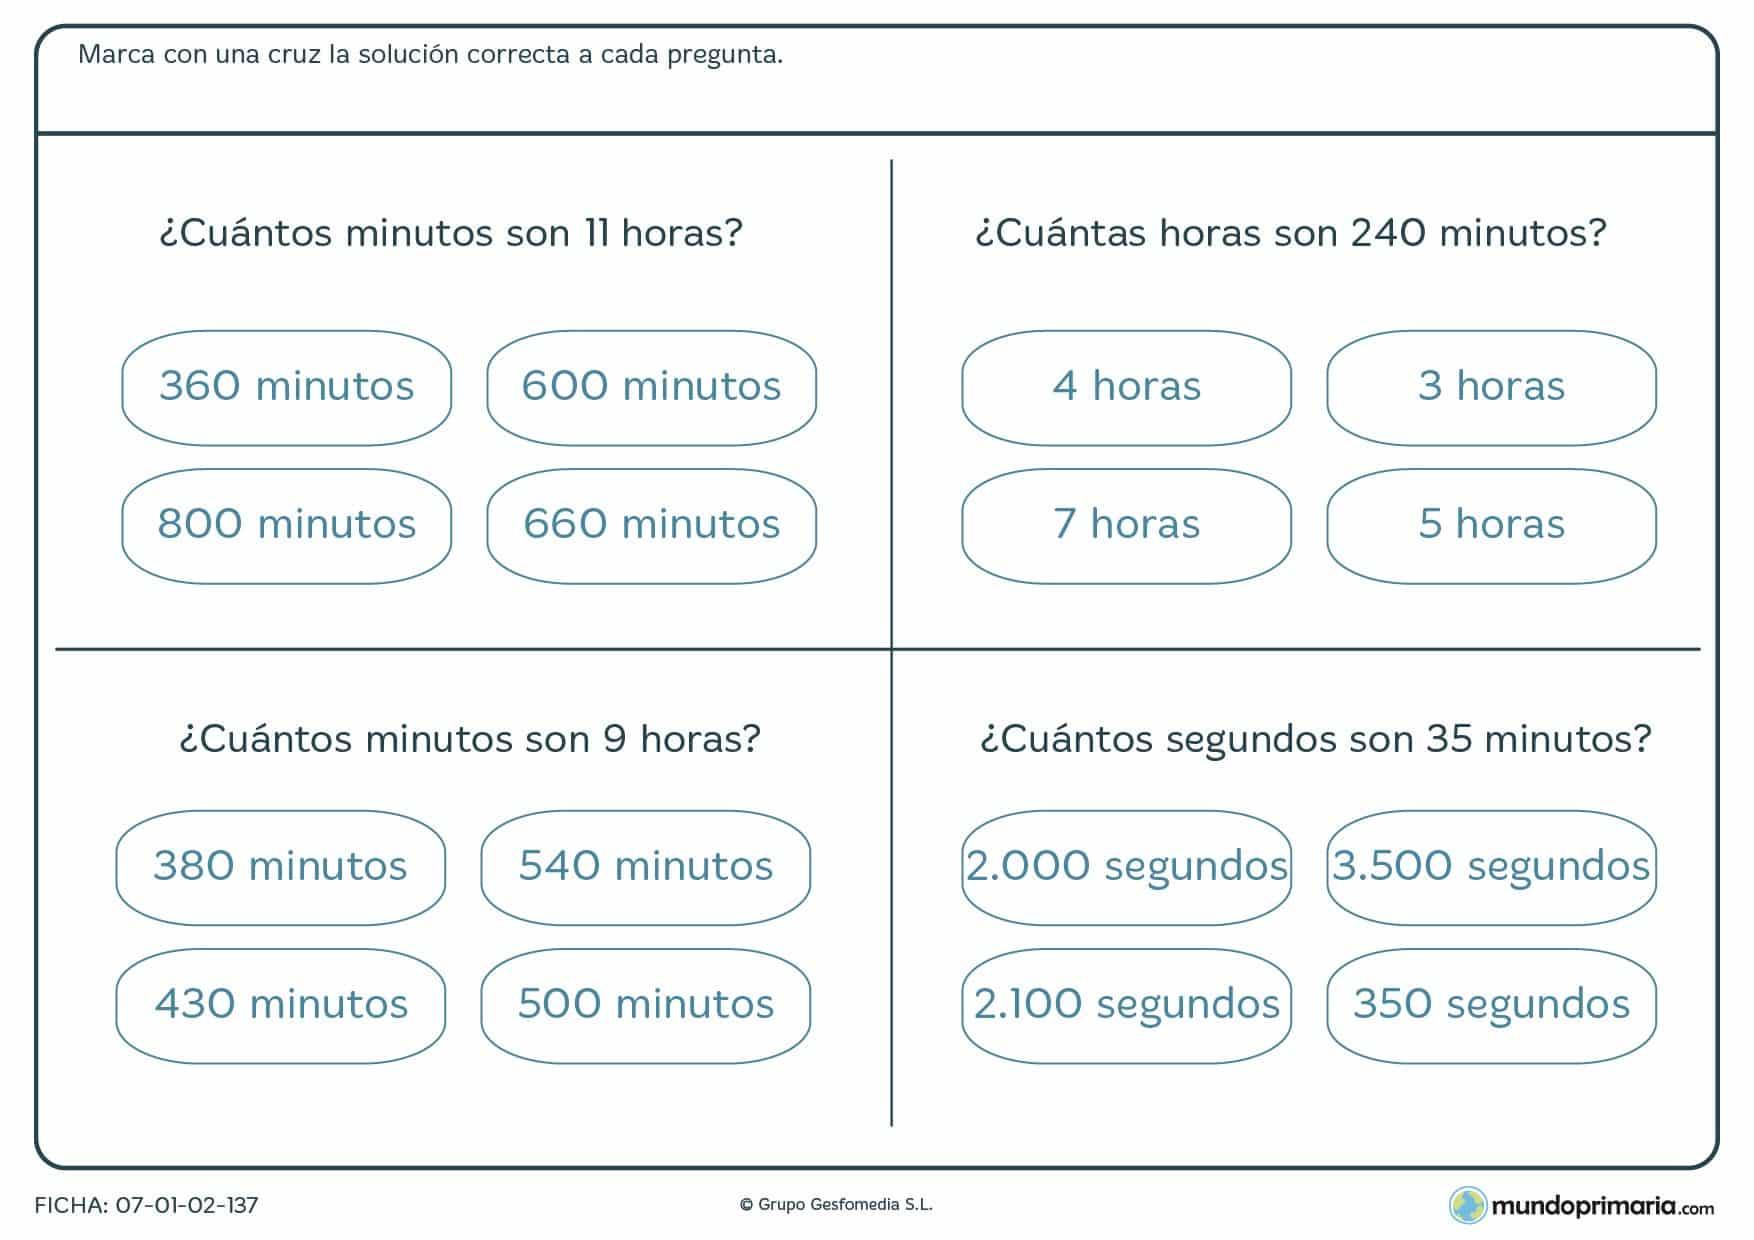 Ficha de horas y minutos, resuelve las horas de x minutos o los minutos de x horas.